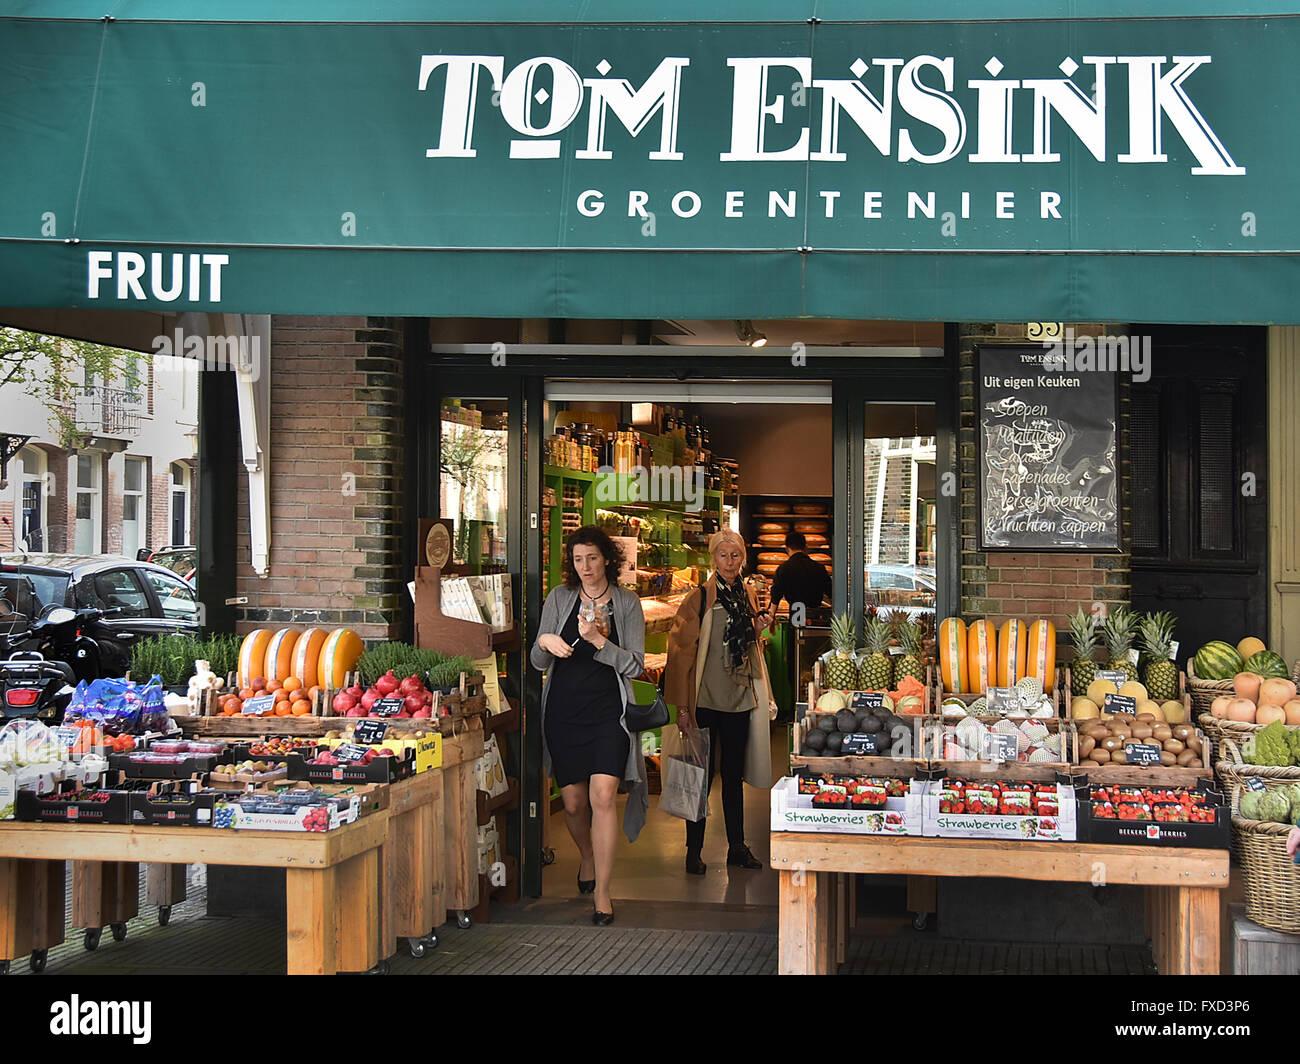 Greengrocer Tom Ensink ( groetenier ) Cornelis Schuytstraat  Oud Zuid Amsterdam   Dutch Netherlands Stock Photo